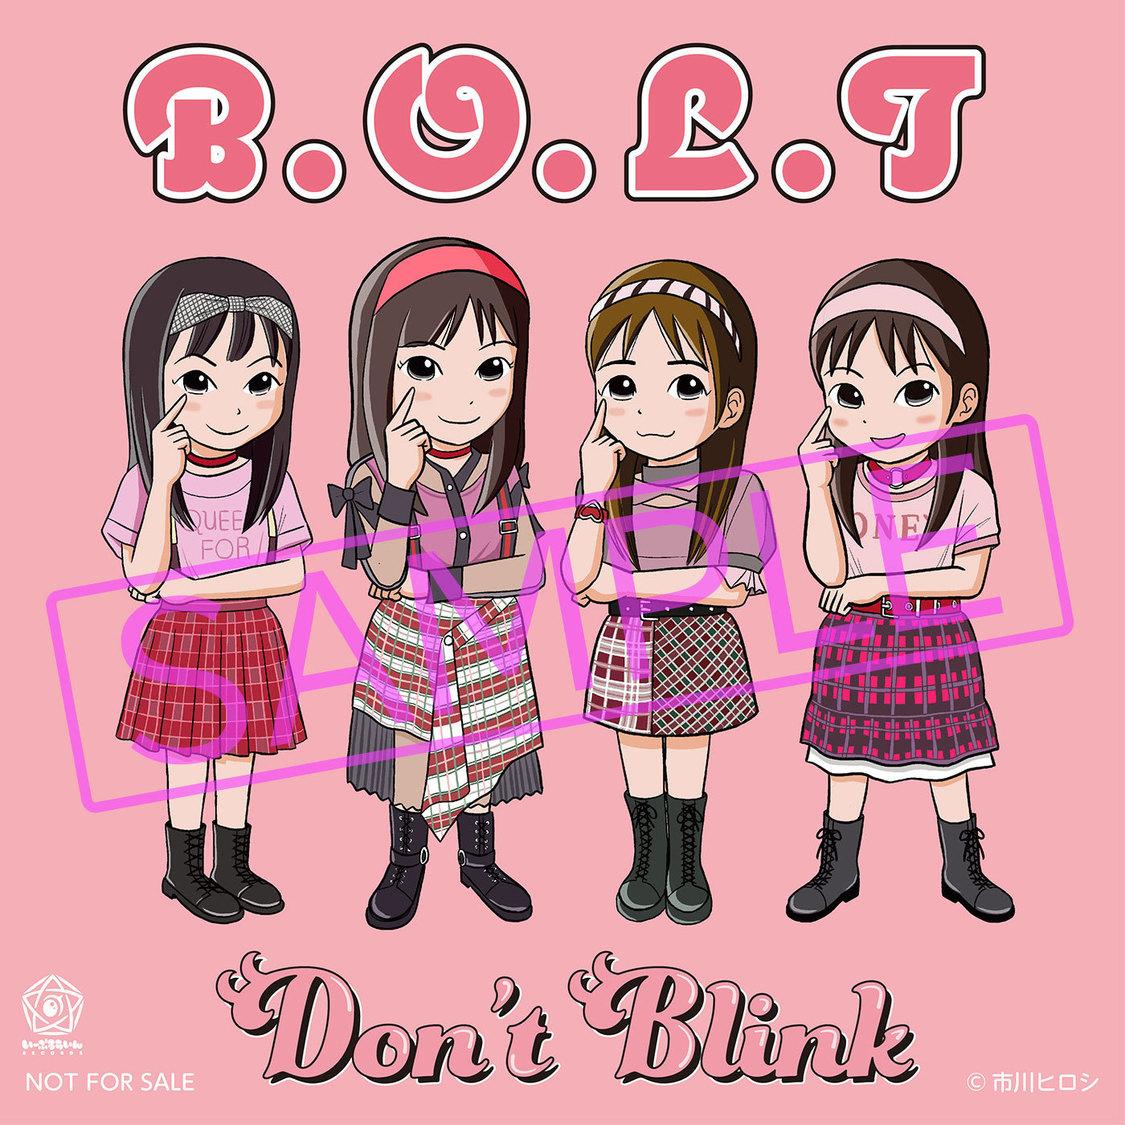 『どんぶり委員長』原作者・市川ヒロシ描き下ろし「Don't Blink」アナザージャケット風ポストカード